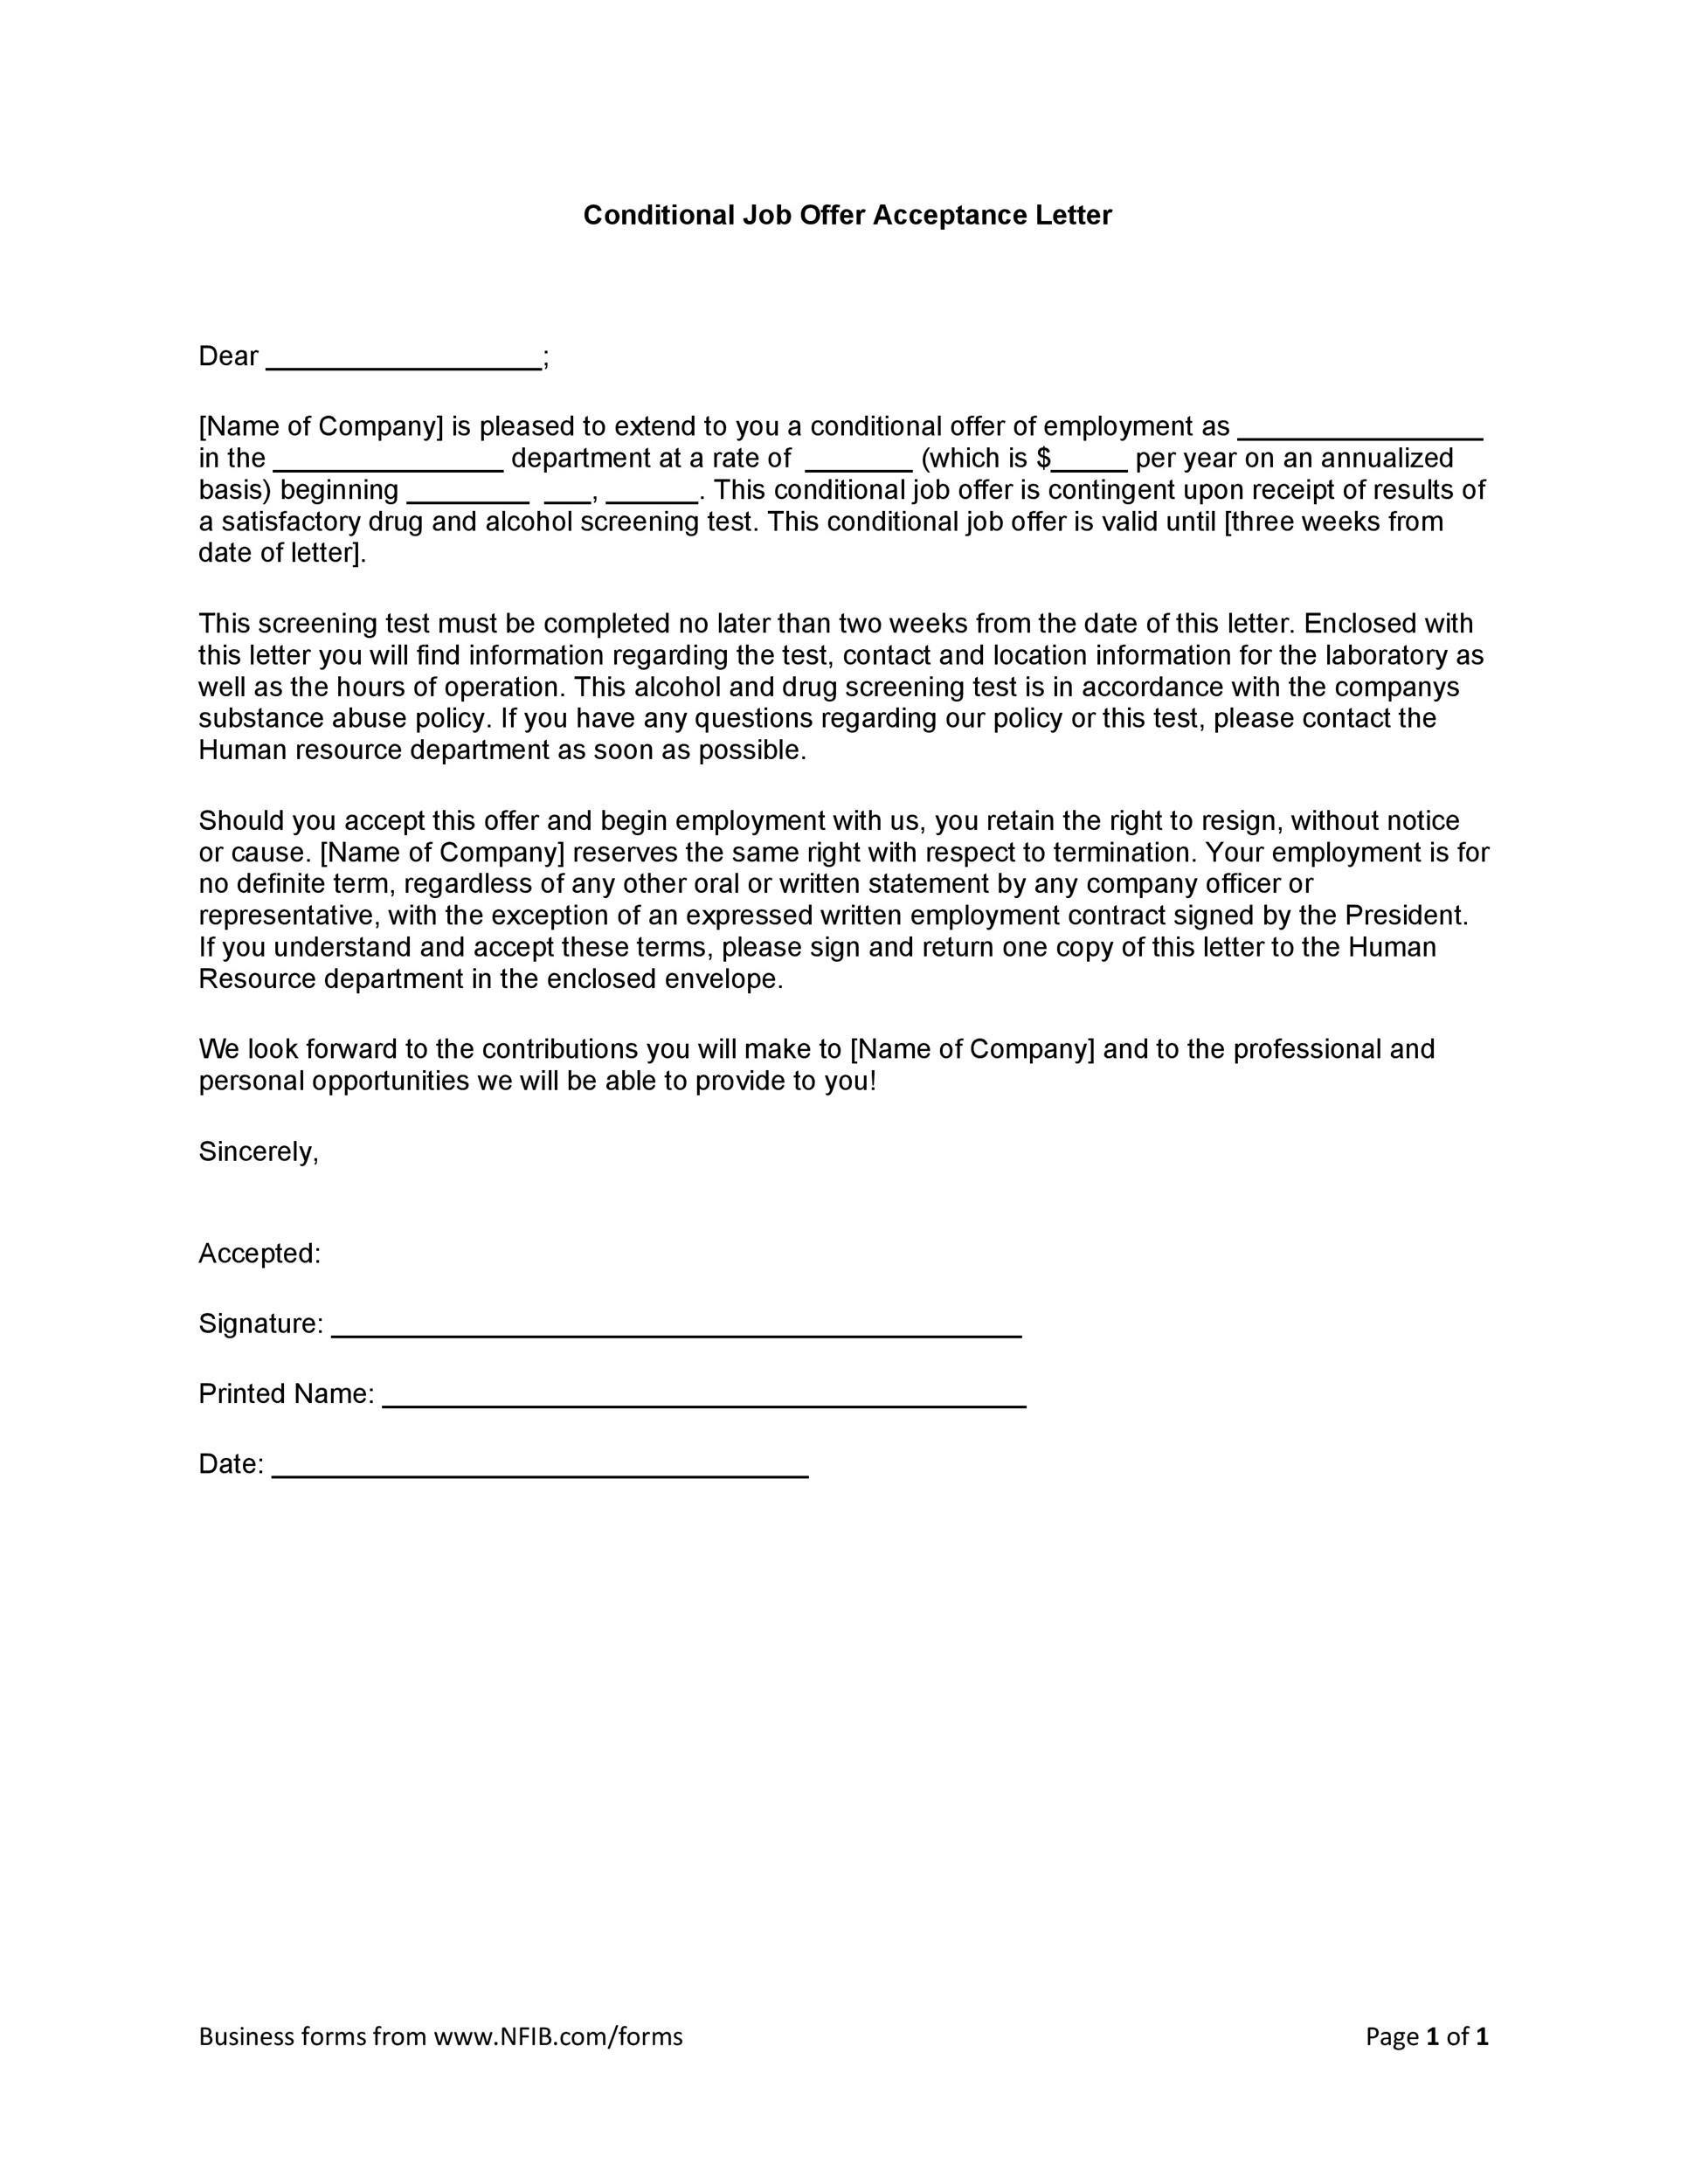 Acceptance Engagement Proposal Letter